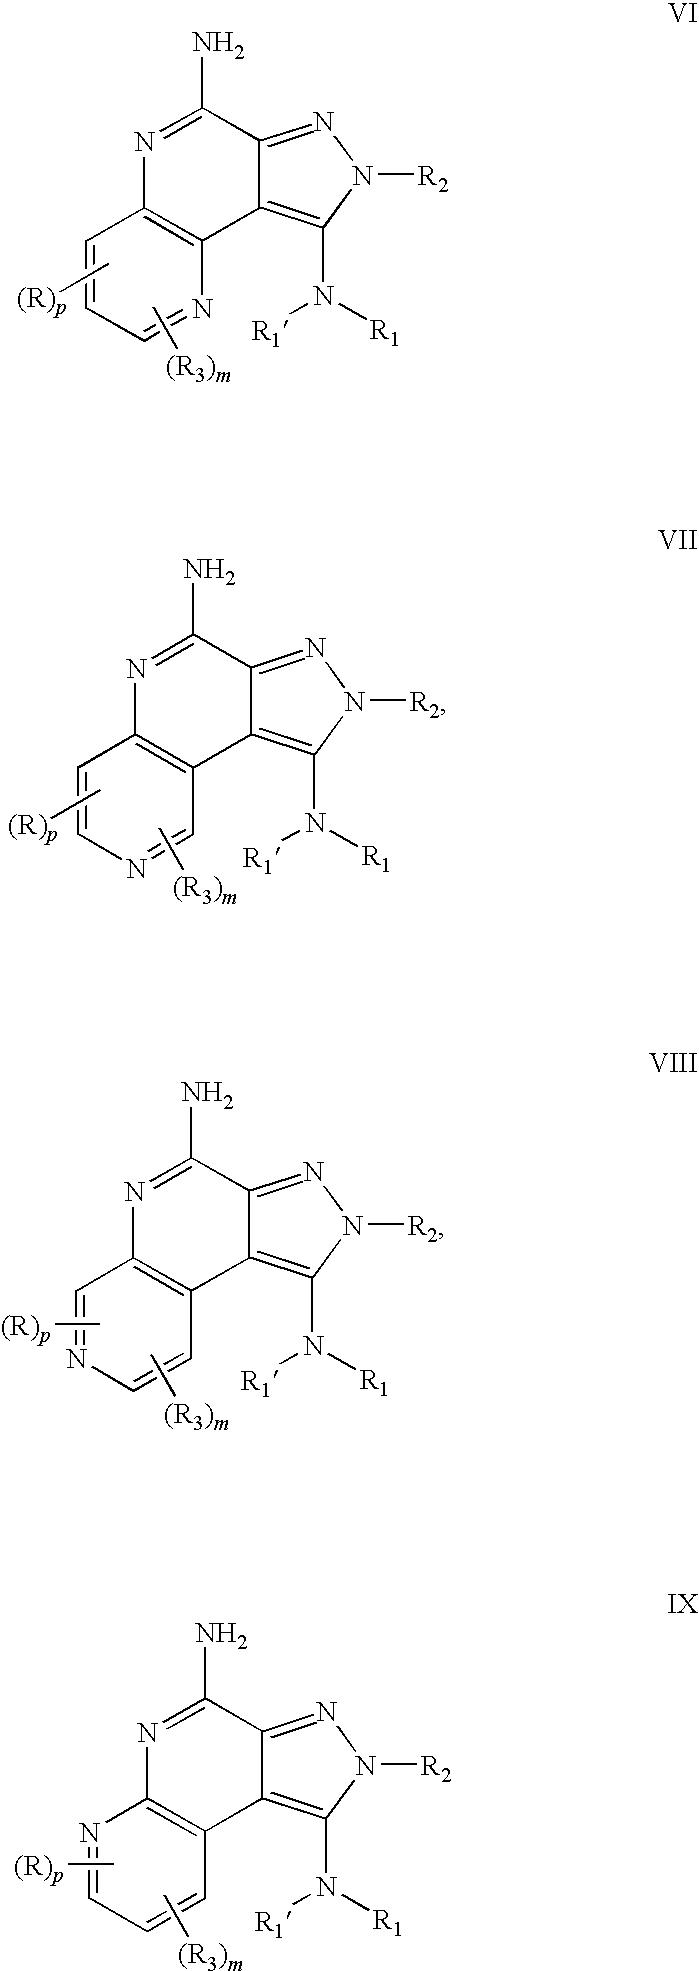 Figure US07943610-20110517-C00034